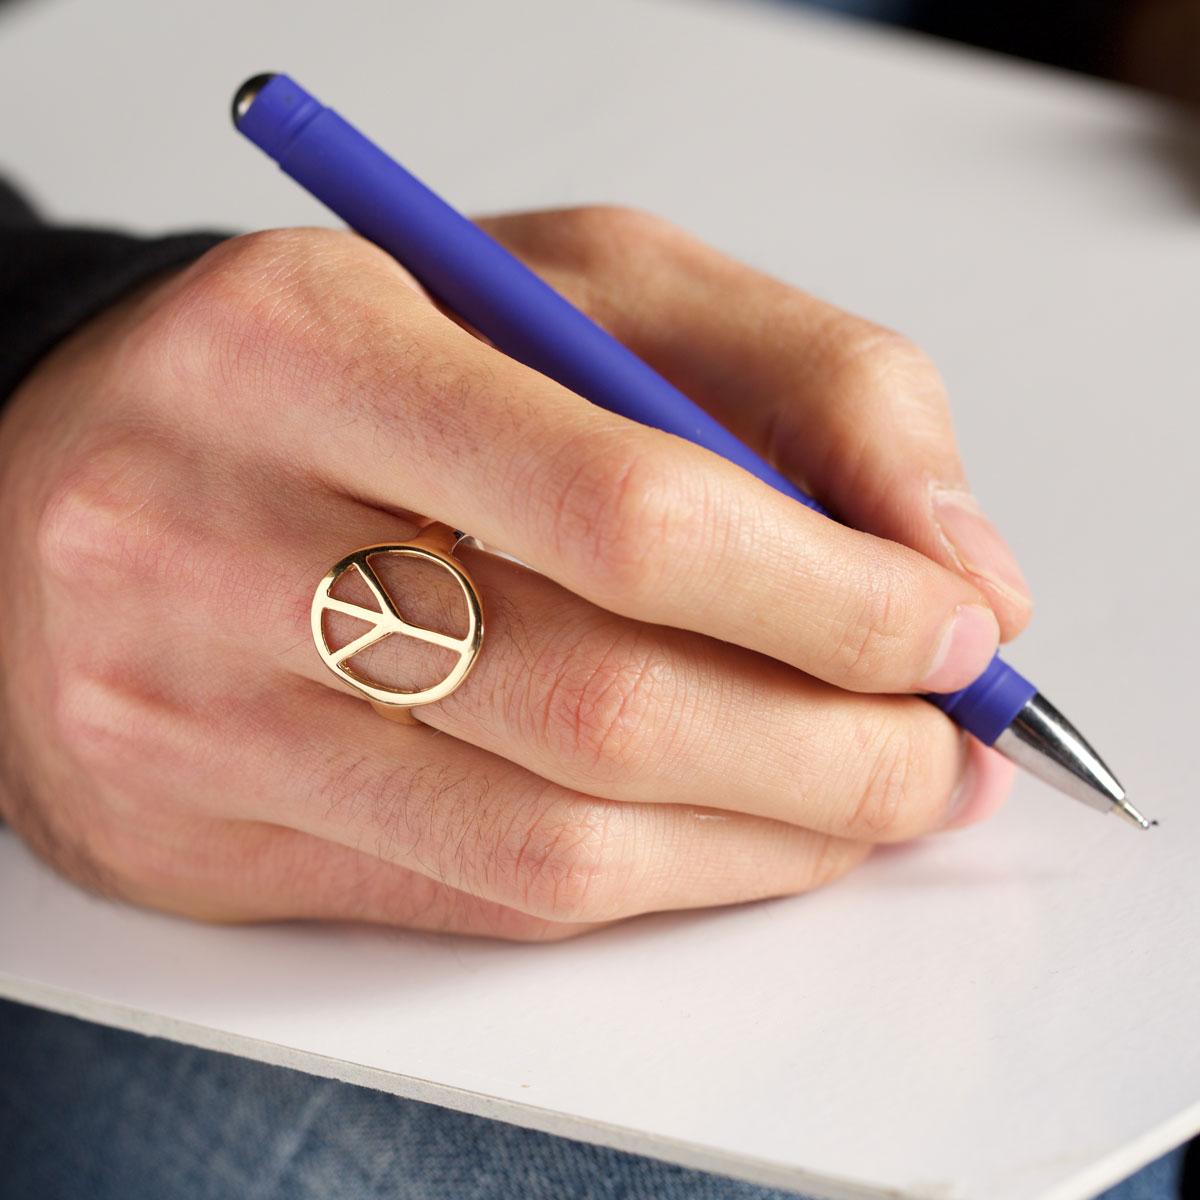 اصول و قواعدی که مردها باید در مورد استفاده از جواهرات بدانند